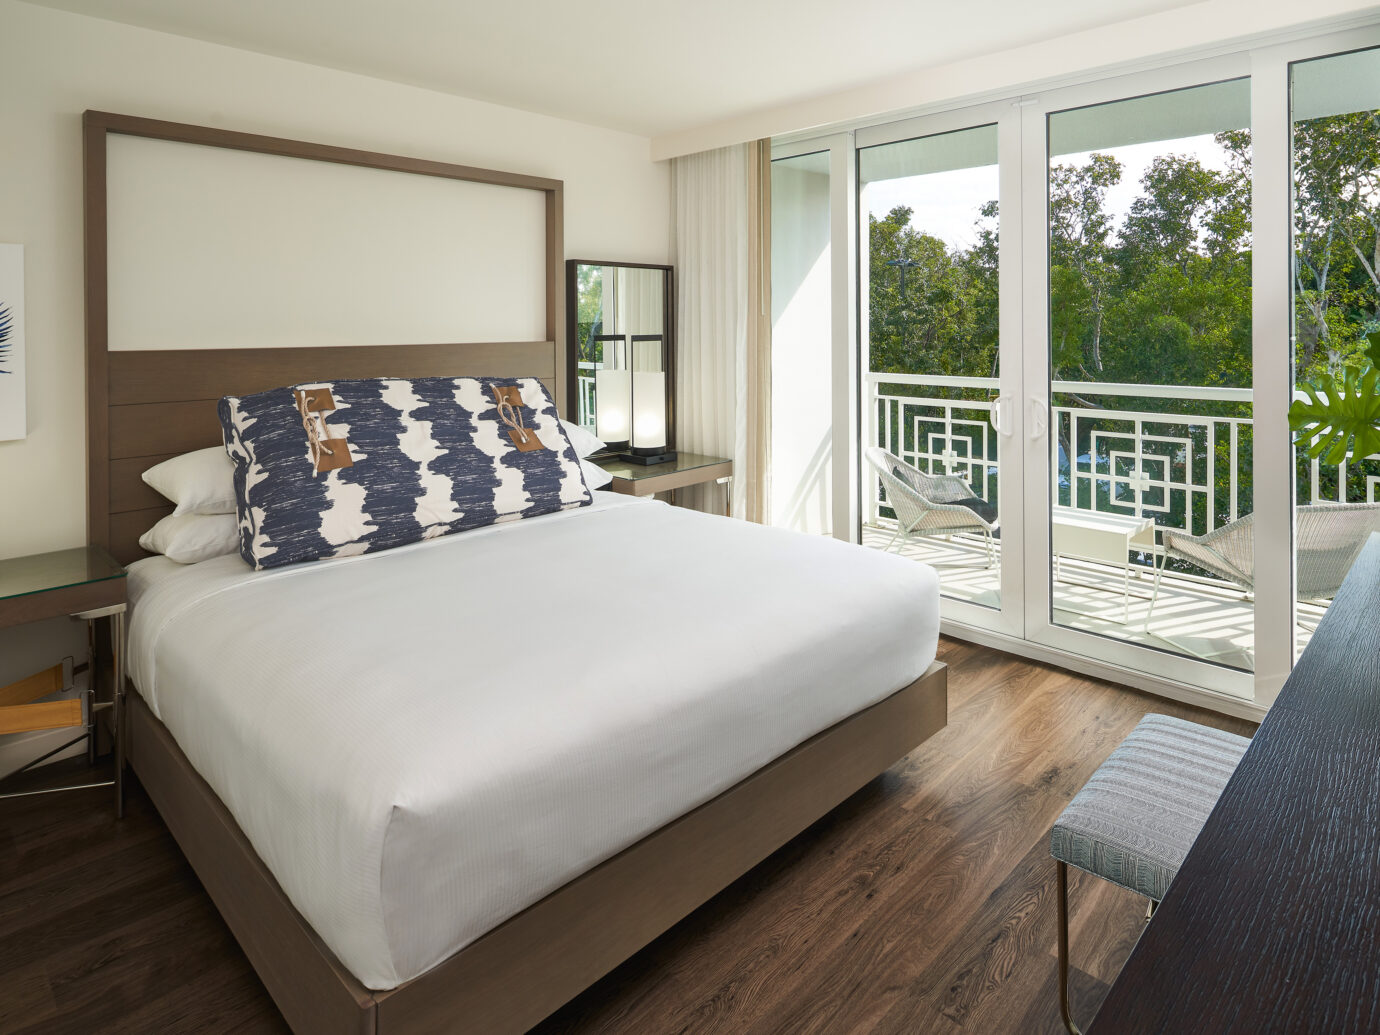 Baker's Cay Resort